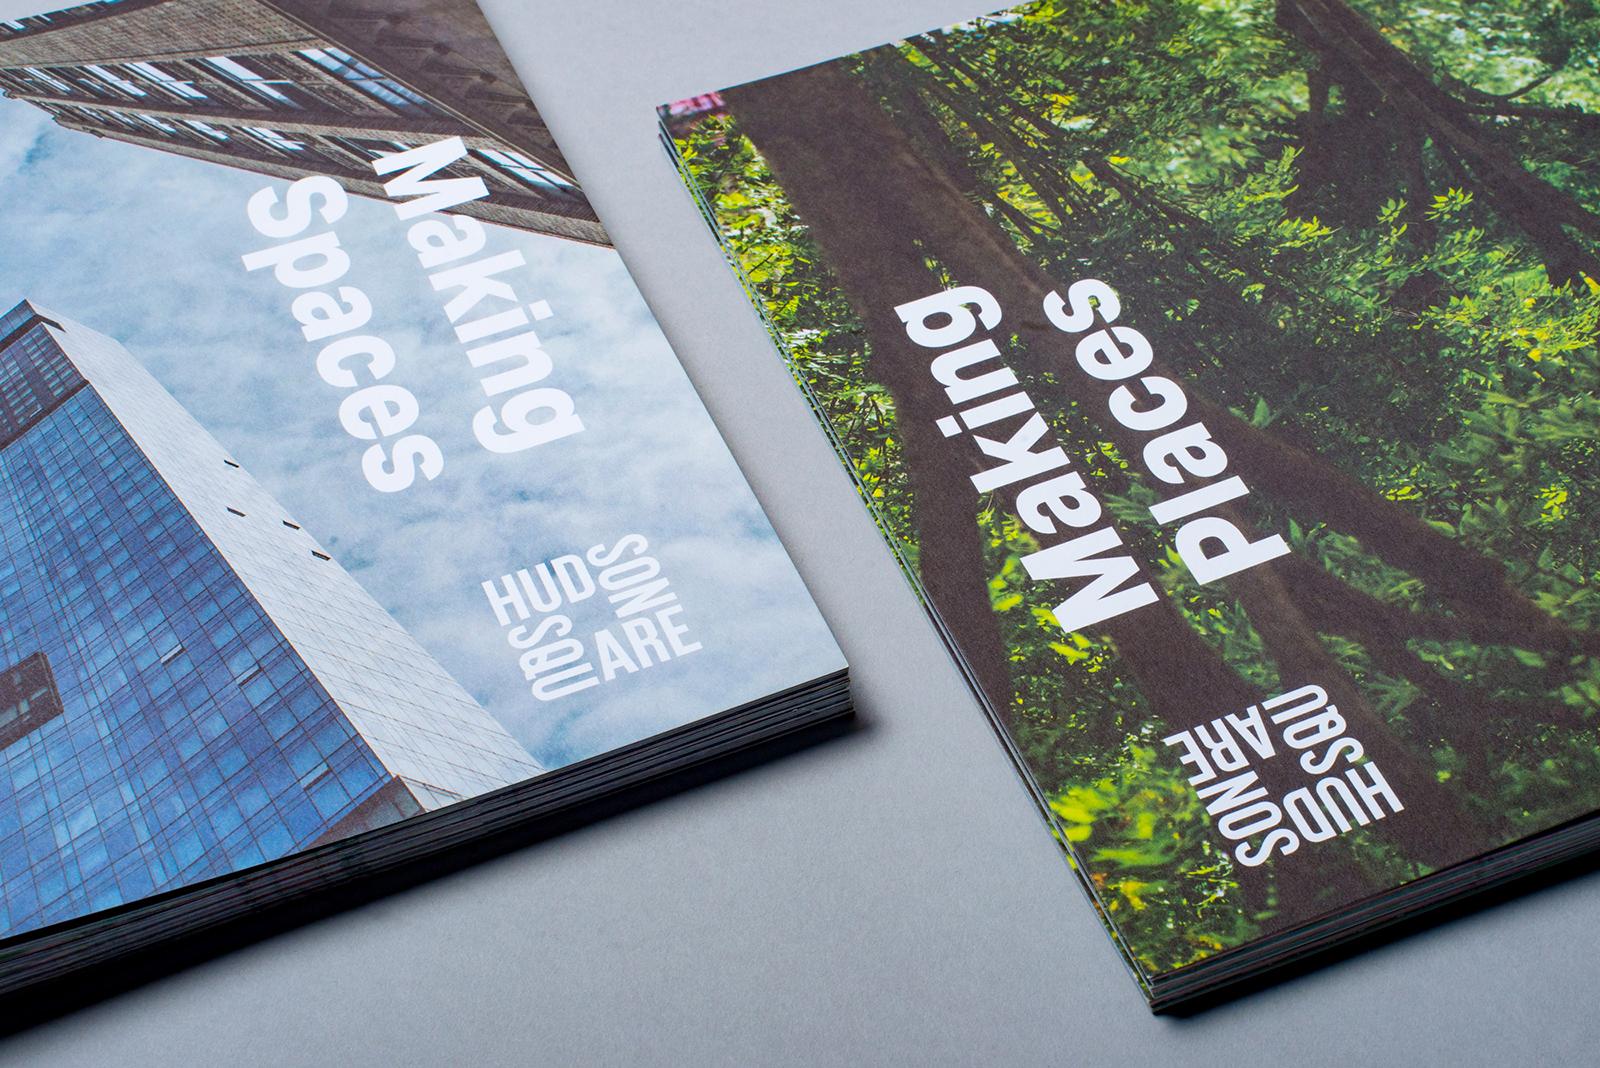 哈德逊广场启动新的标志和VI形象-深圳VI设计6